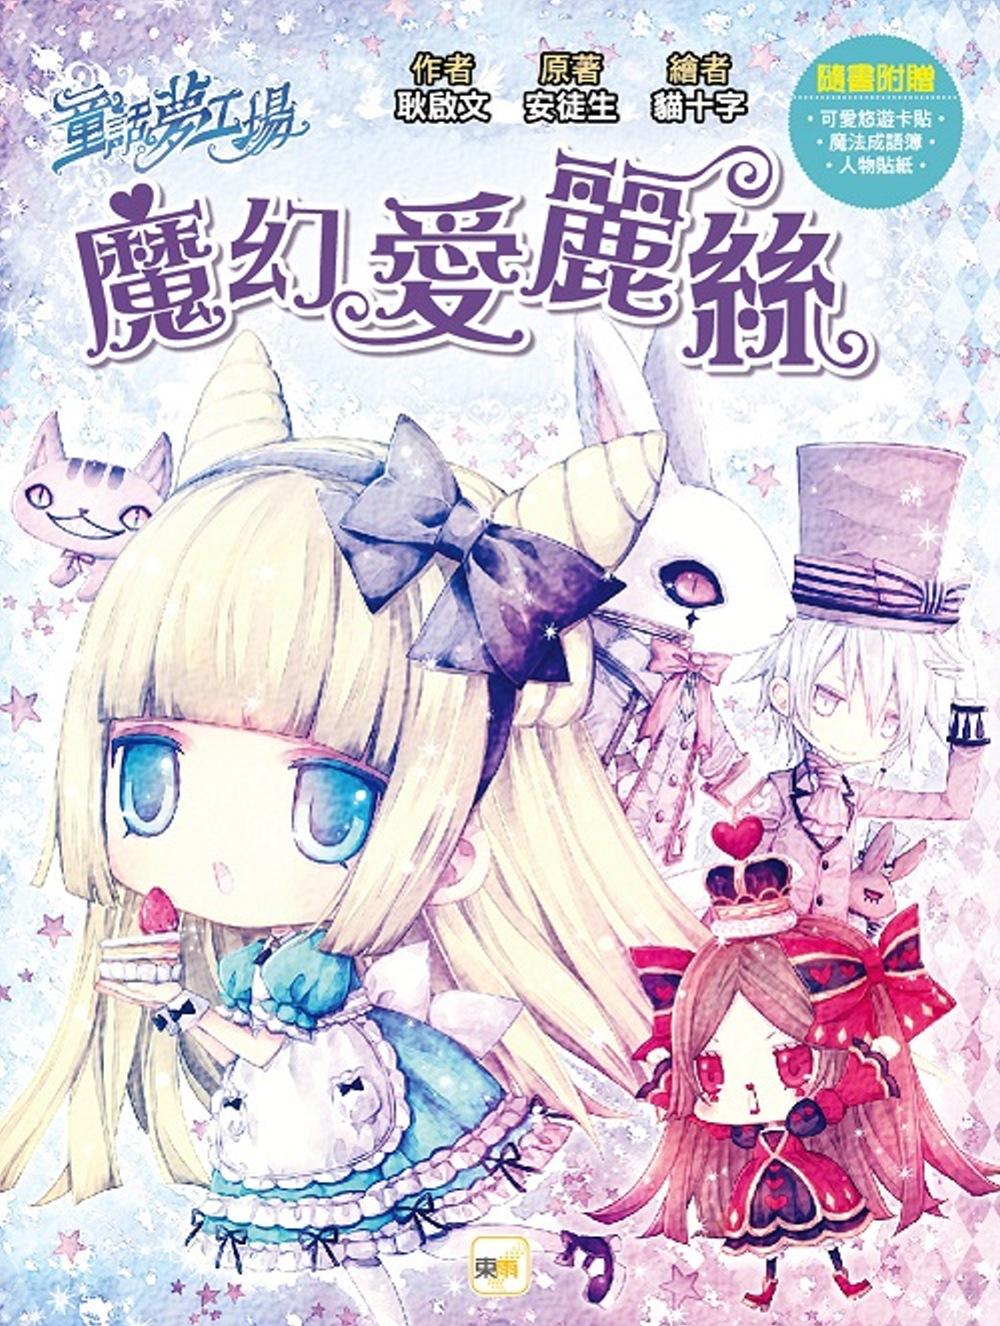 童話夢工場:魔幻愛麗絲 (隨書附贈:可愛悠遊卡貼、魔法成語簿、人物貼紙)